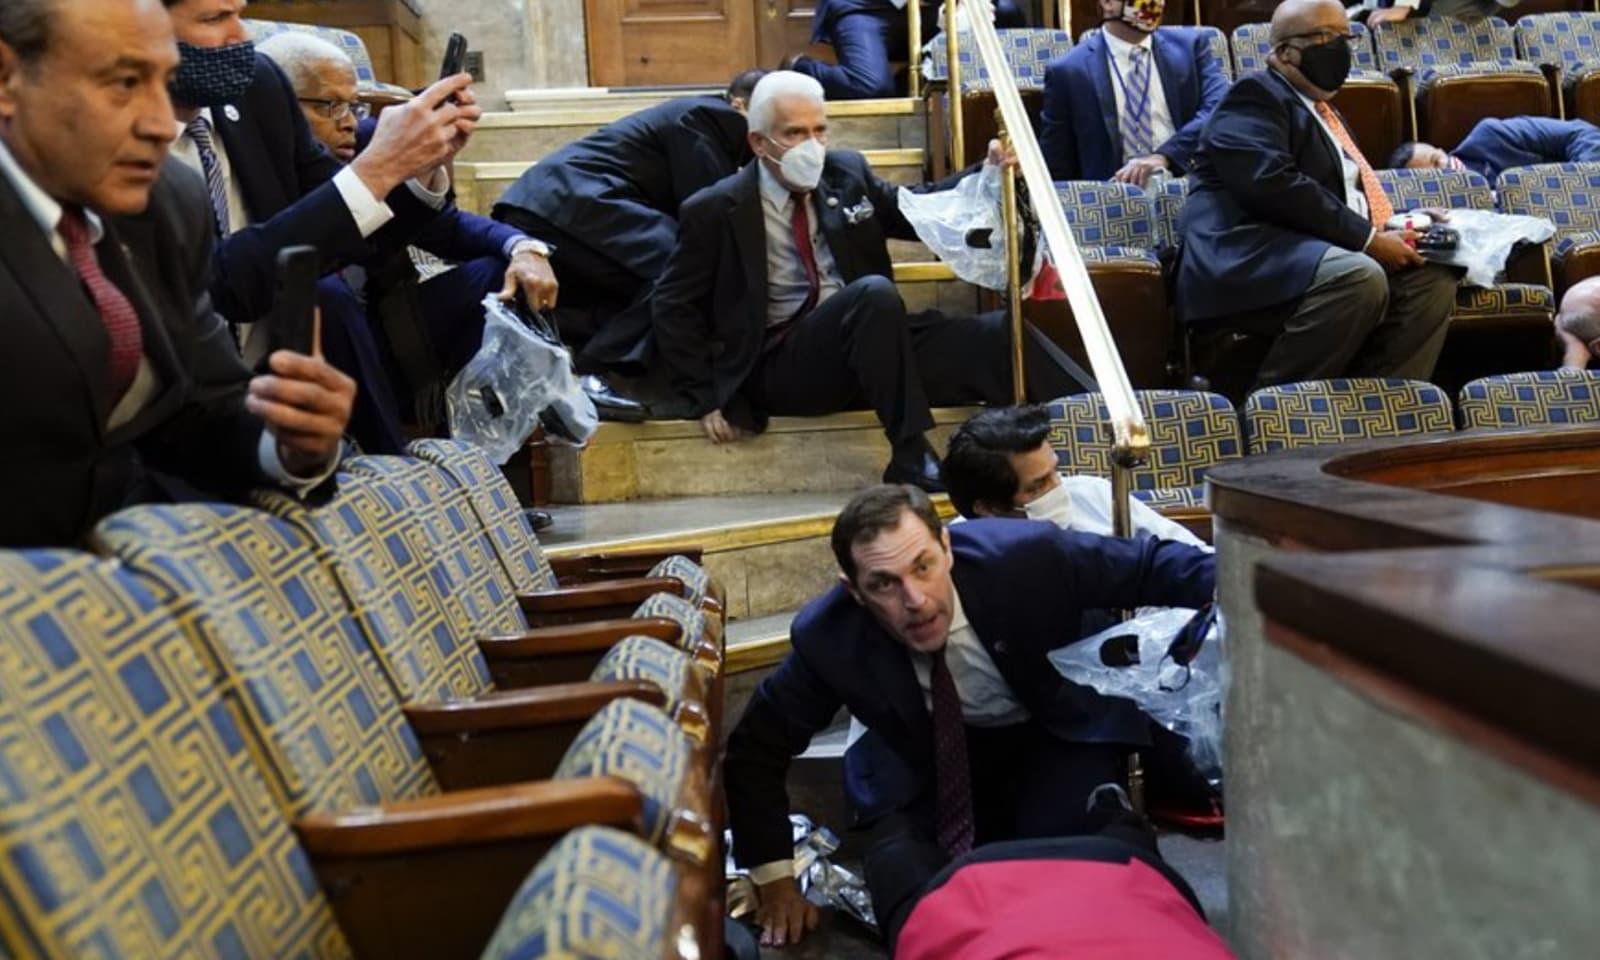 عمارت میں موجود قانون دان اپنی جانیں بچاتے ہوئے ڈیسکوں کے نیچے چھپنے پر مجبور ہوئے—فوٹو:اے پی